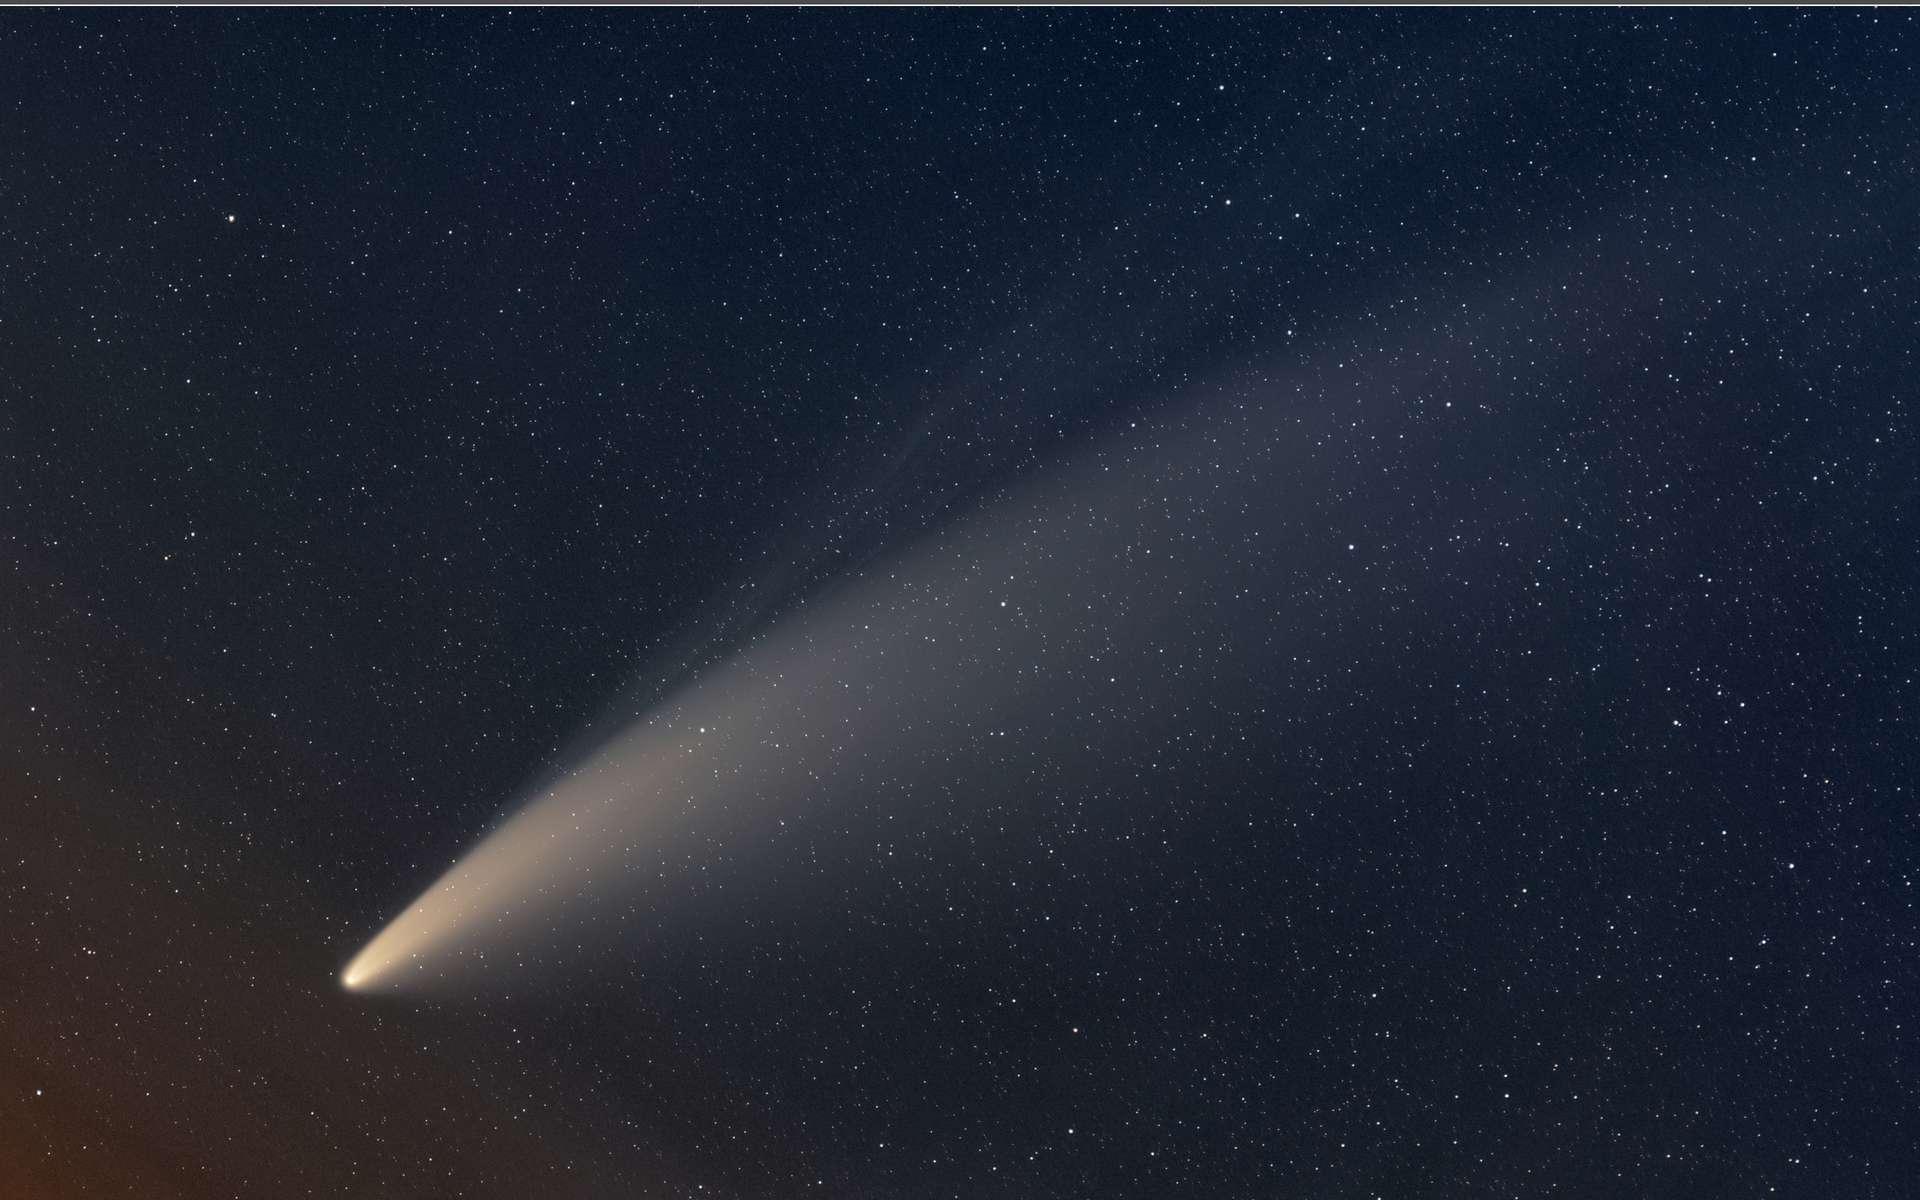 Les queues de la comète Neowise sont distinctement visibles sur cette image capturée le 10 juillet 2020. © Miloslav Druckmuller (Brno University of Technology), APOD (Nasa)